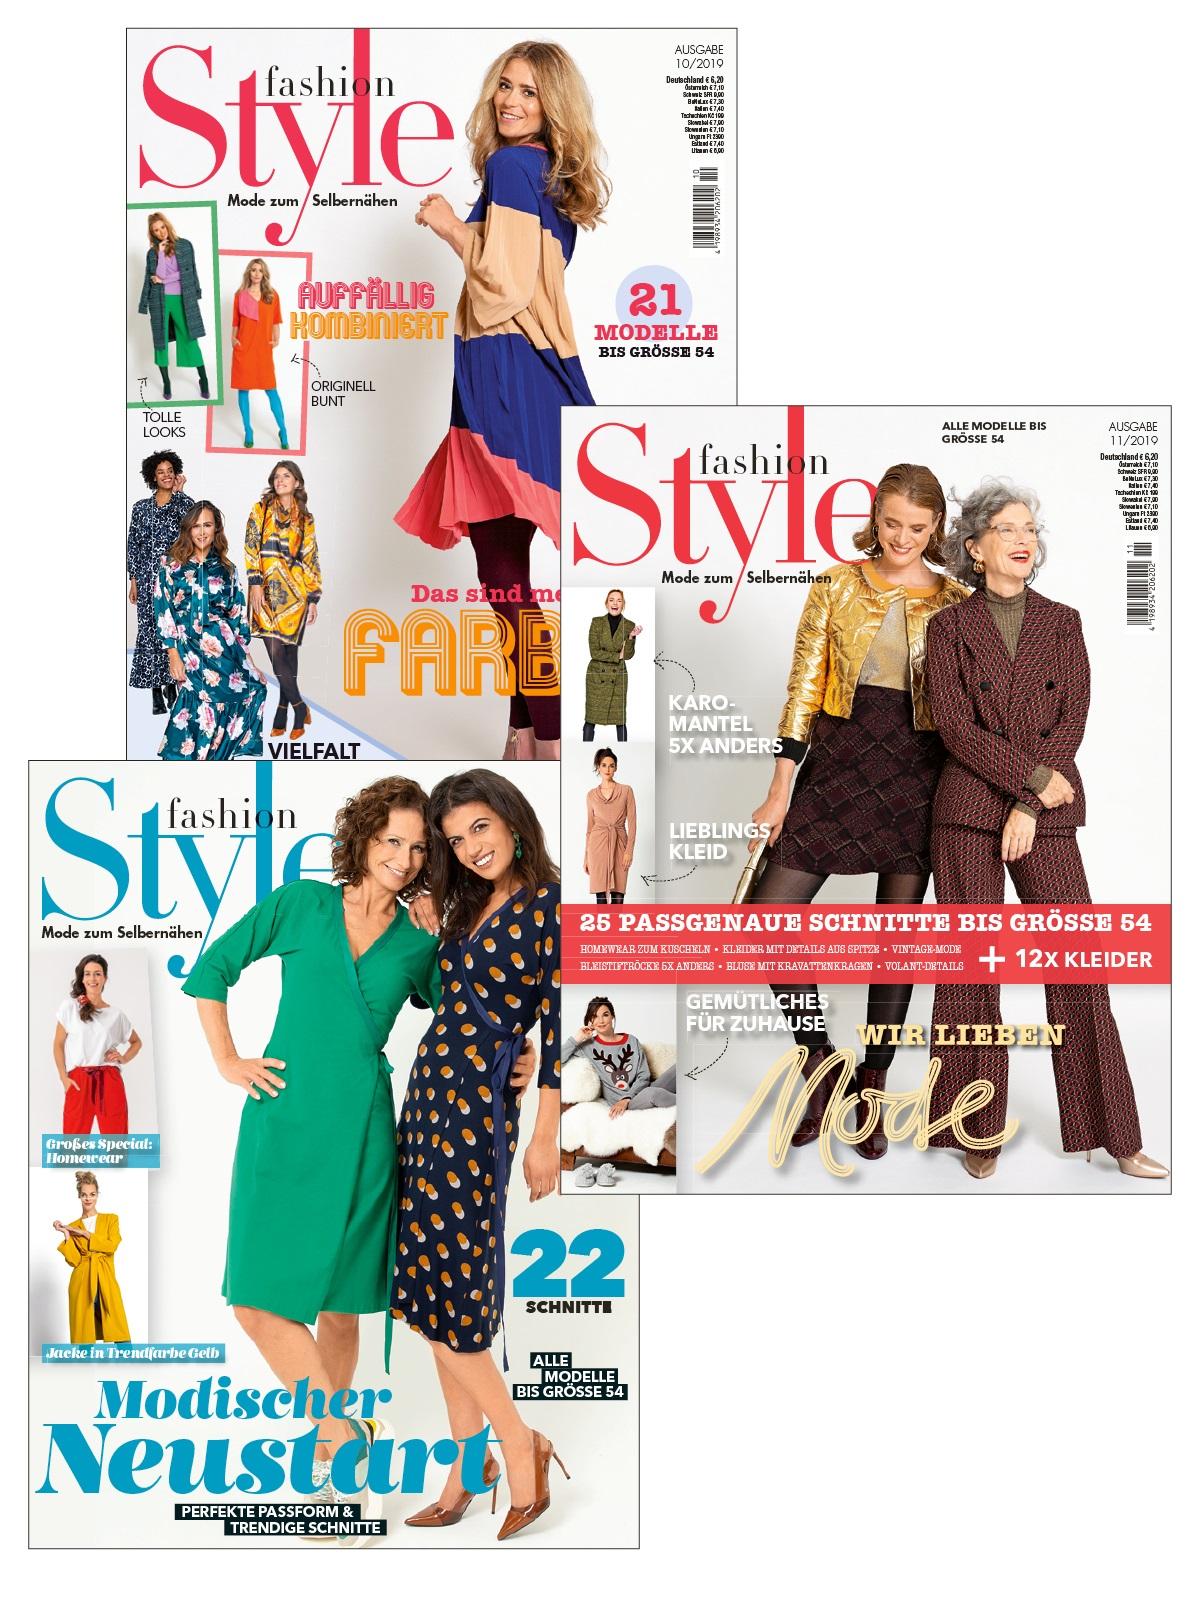 3 Zeitschriften statt 18,60 € nur 9,30 € -  Fashion Style Nr. 10/2019, 11/2019 und 1/2020